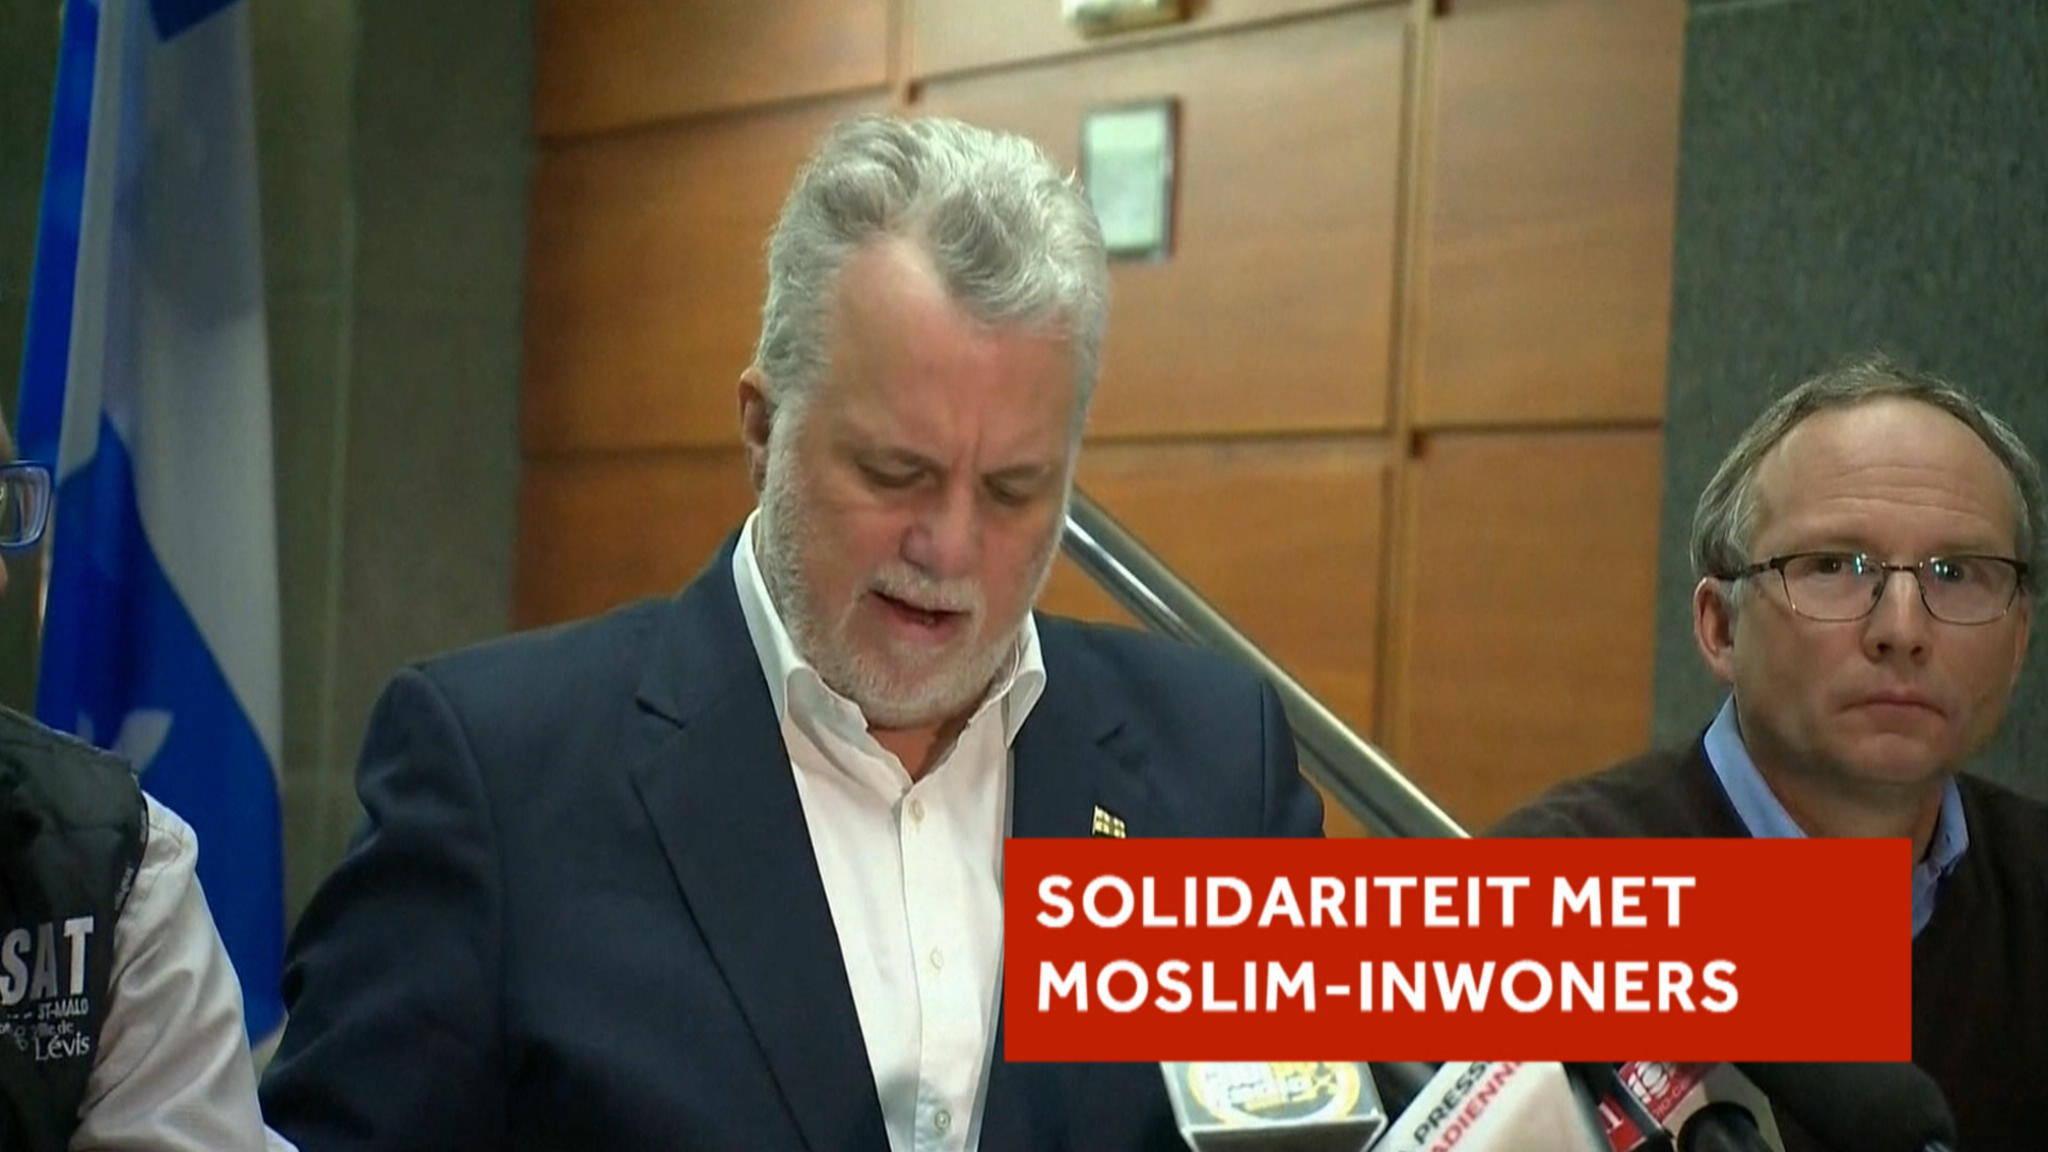 Aanslag Moskee Twitter: Premier Quebec: Moslim-inwoners, We Zijn Met Jullie